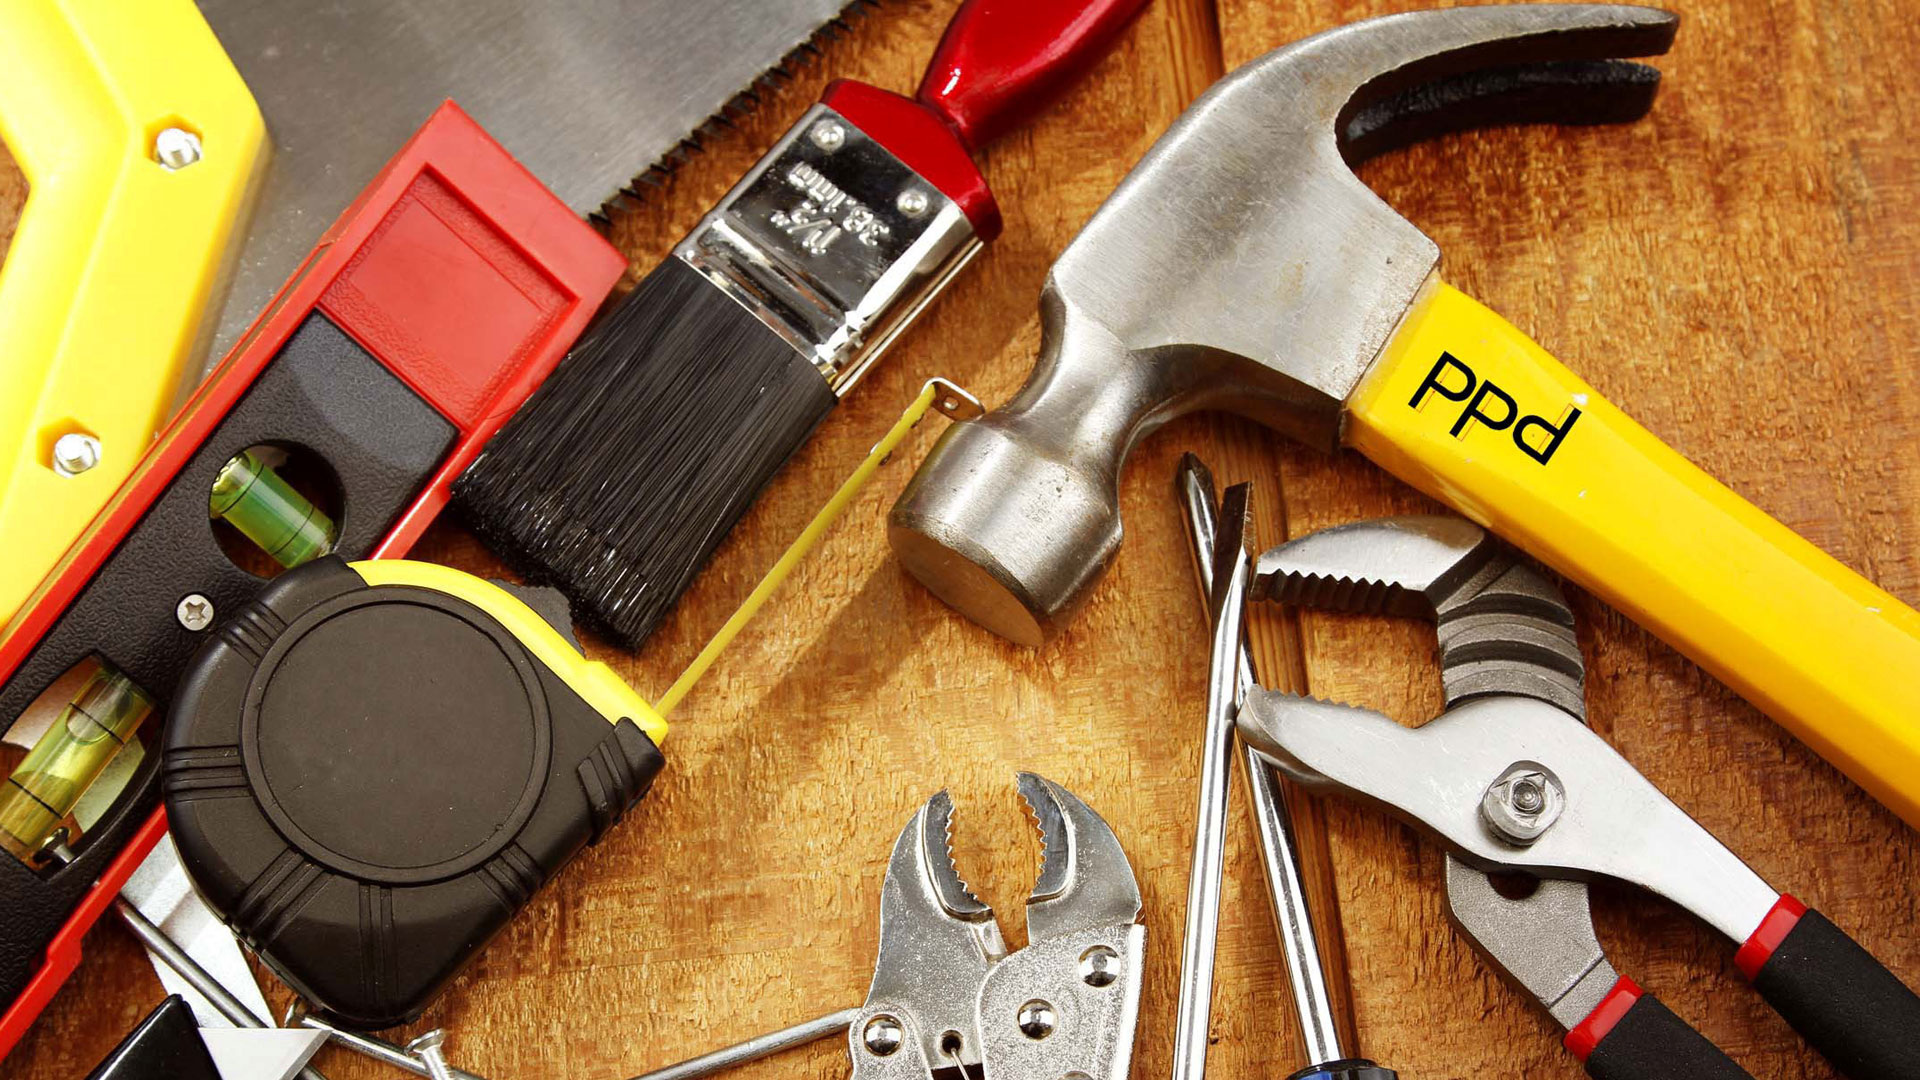 Premier Gutters by Bartley Renovation   124 Woodside Dr, Longview, WA, 98632   +1 (360) 560-3219